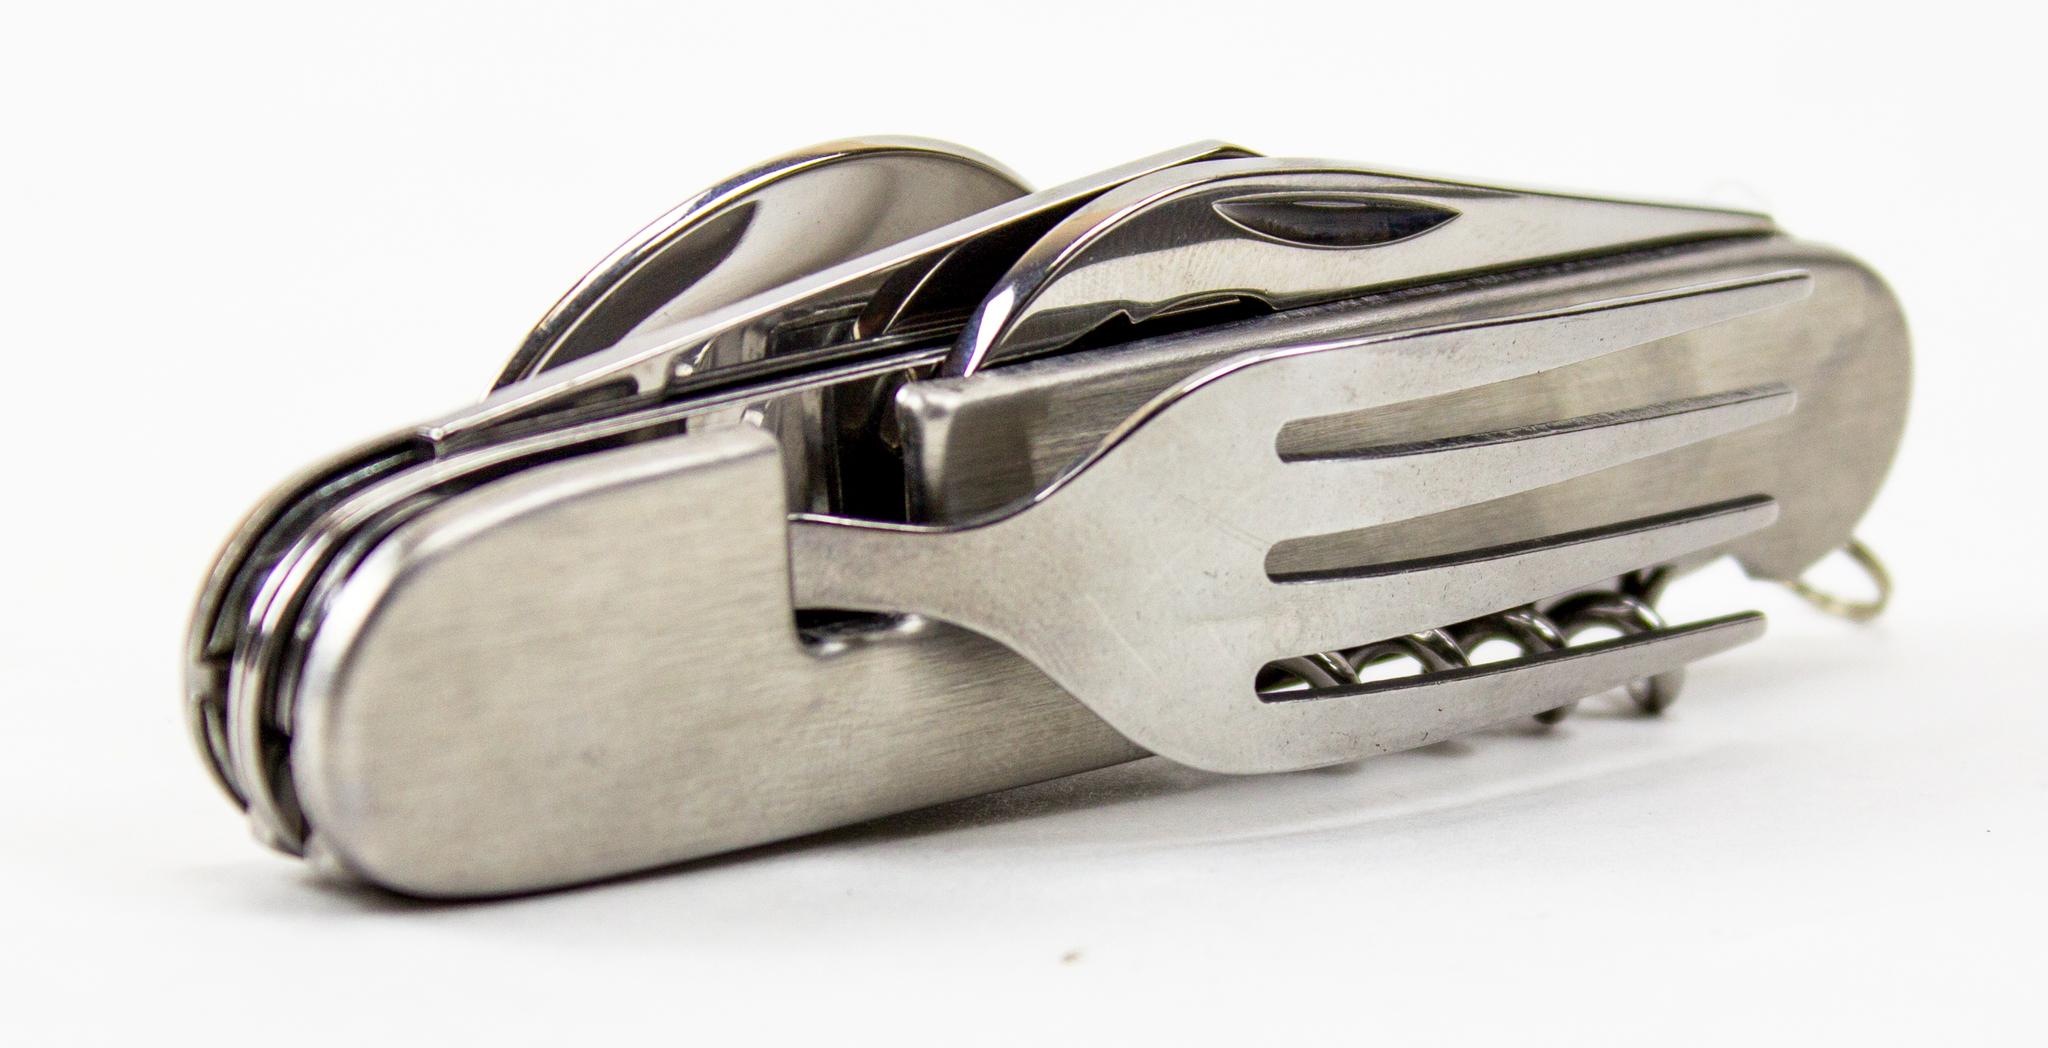 Походный нож 6-в-1, стальной мейл питер французские уроки путешествие с ножом вилкой и штопором